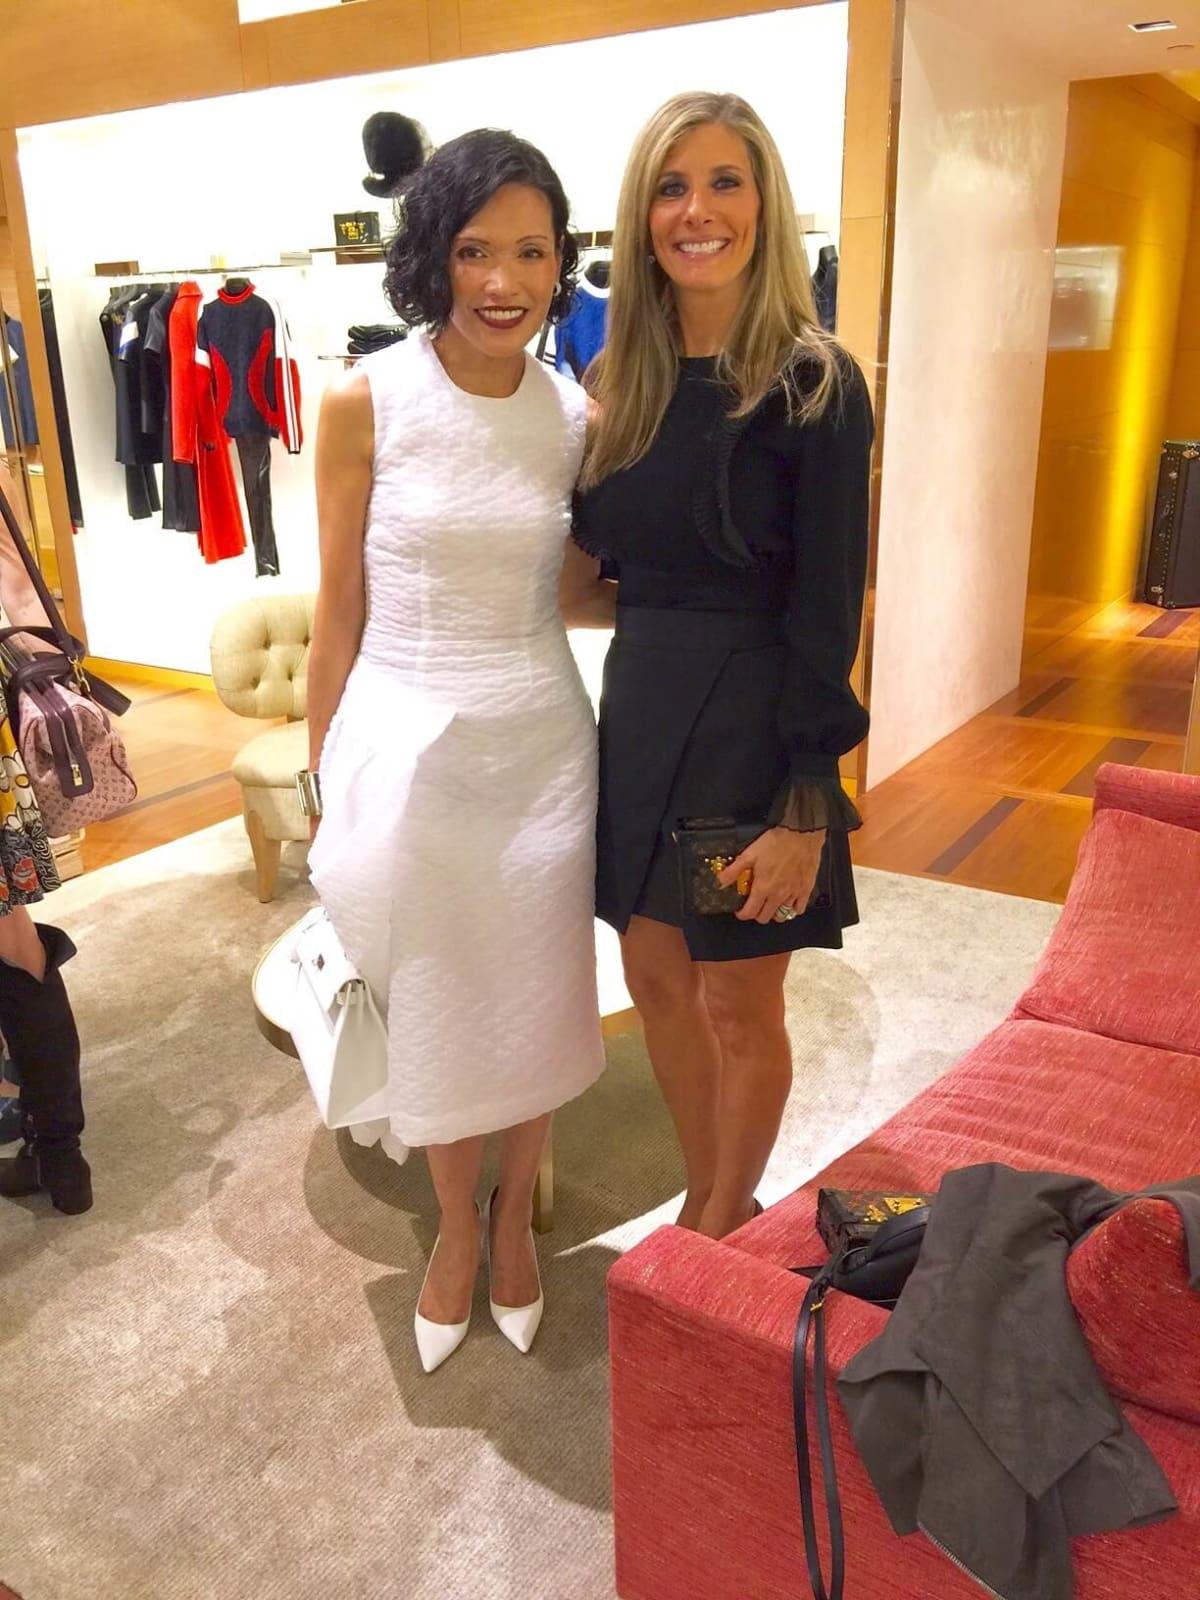 Vogue, Louis Vuitton lunch, 9/26 Duyen Nguyen, Gina Bhatia